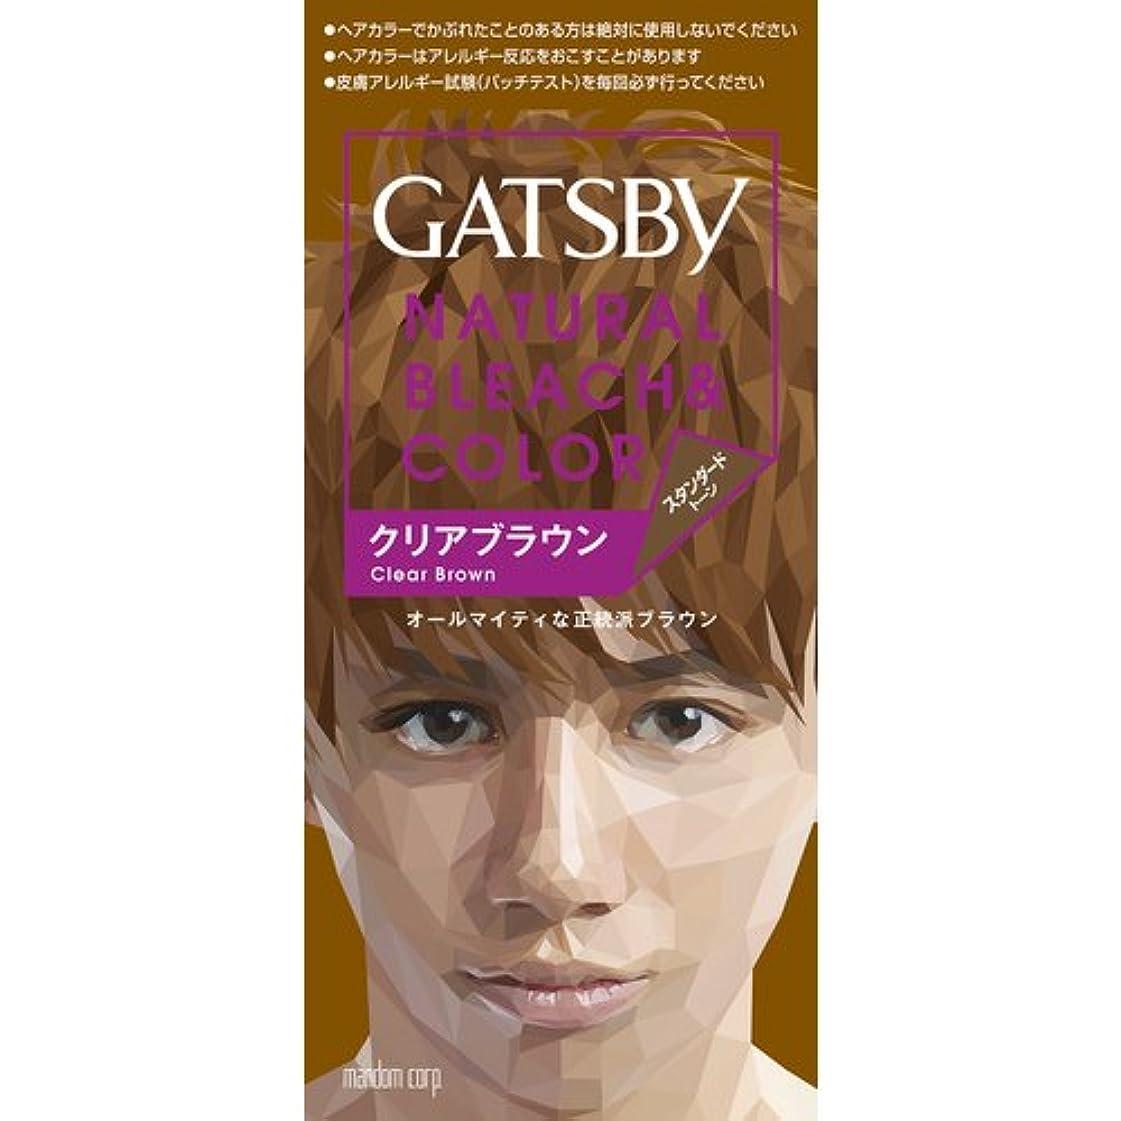 インデックスリベラルきらめくギャツビー(GATSBY) ナチュラルブリーチカラー クリアブラウン 35g+70ml [医薬部外品]